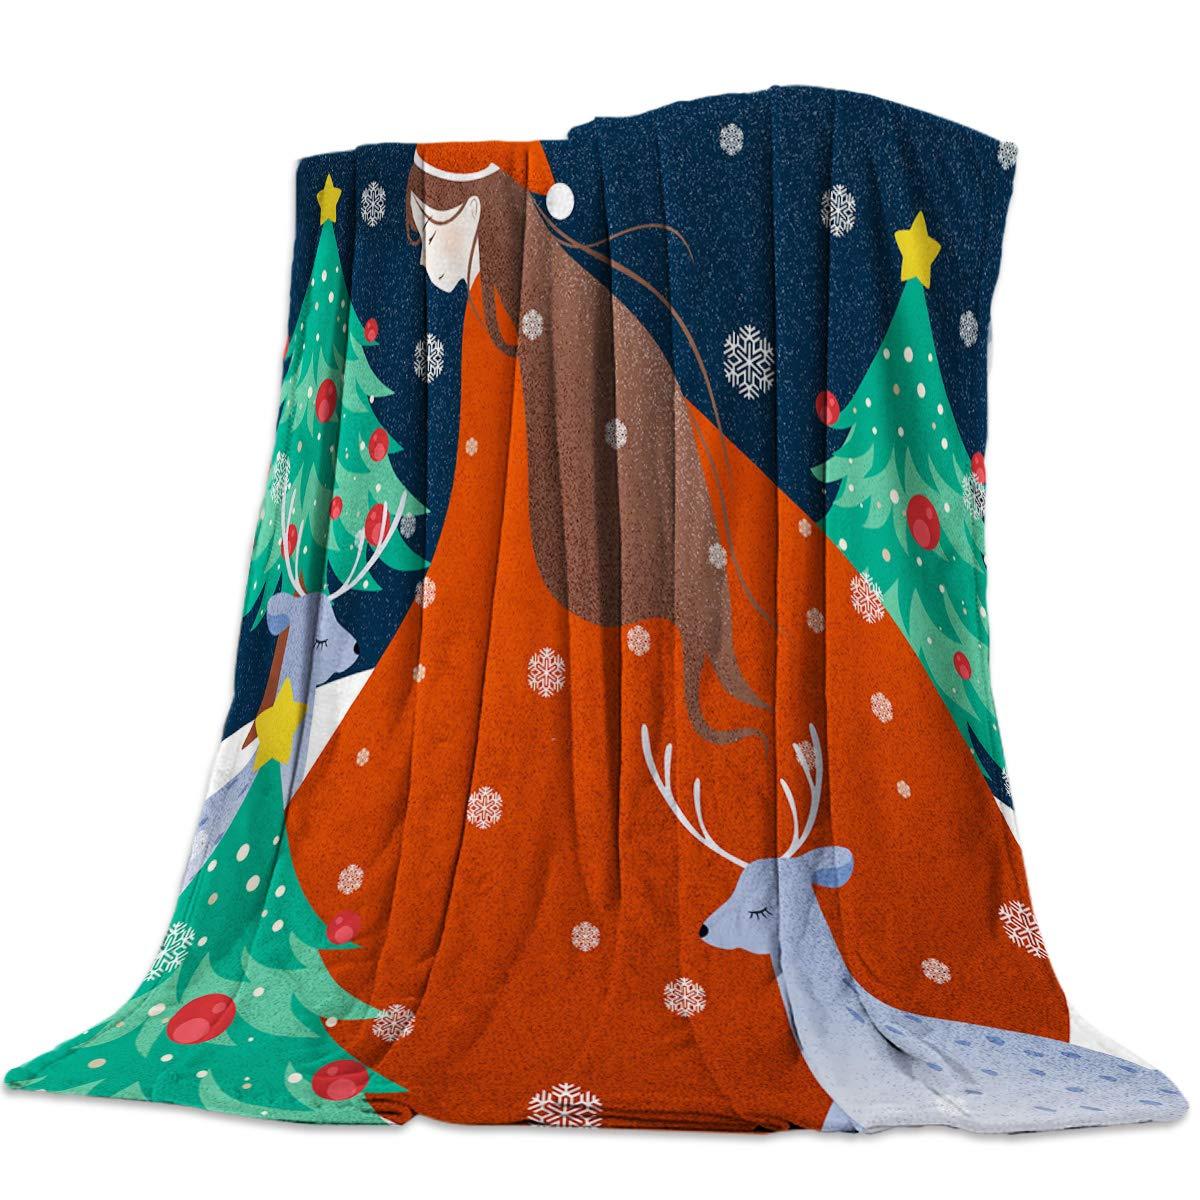 Singingin 女の子用 クリスマス 洋服 鹿 フランネル スロー ブランケット スーパーソフト 暖かい 心地よいスタジアムブランケット カウチ 椅子 ソファ ベッド 普段使いに 49